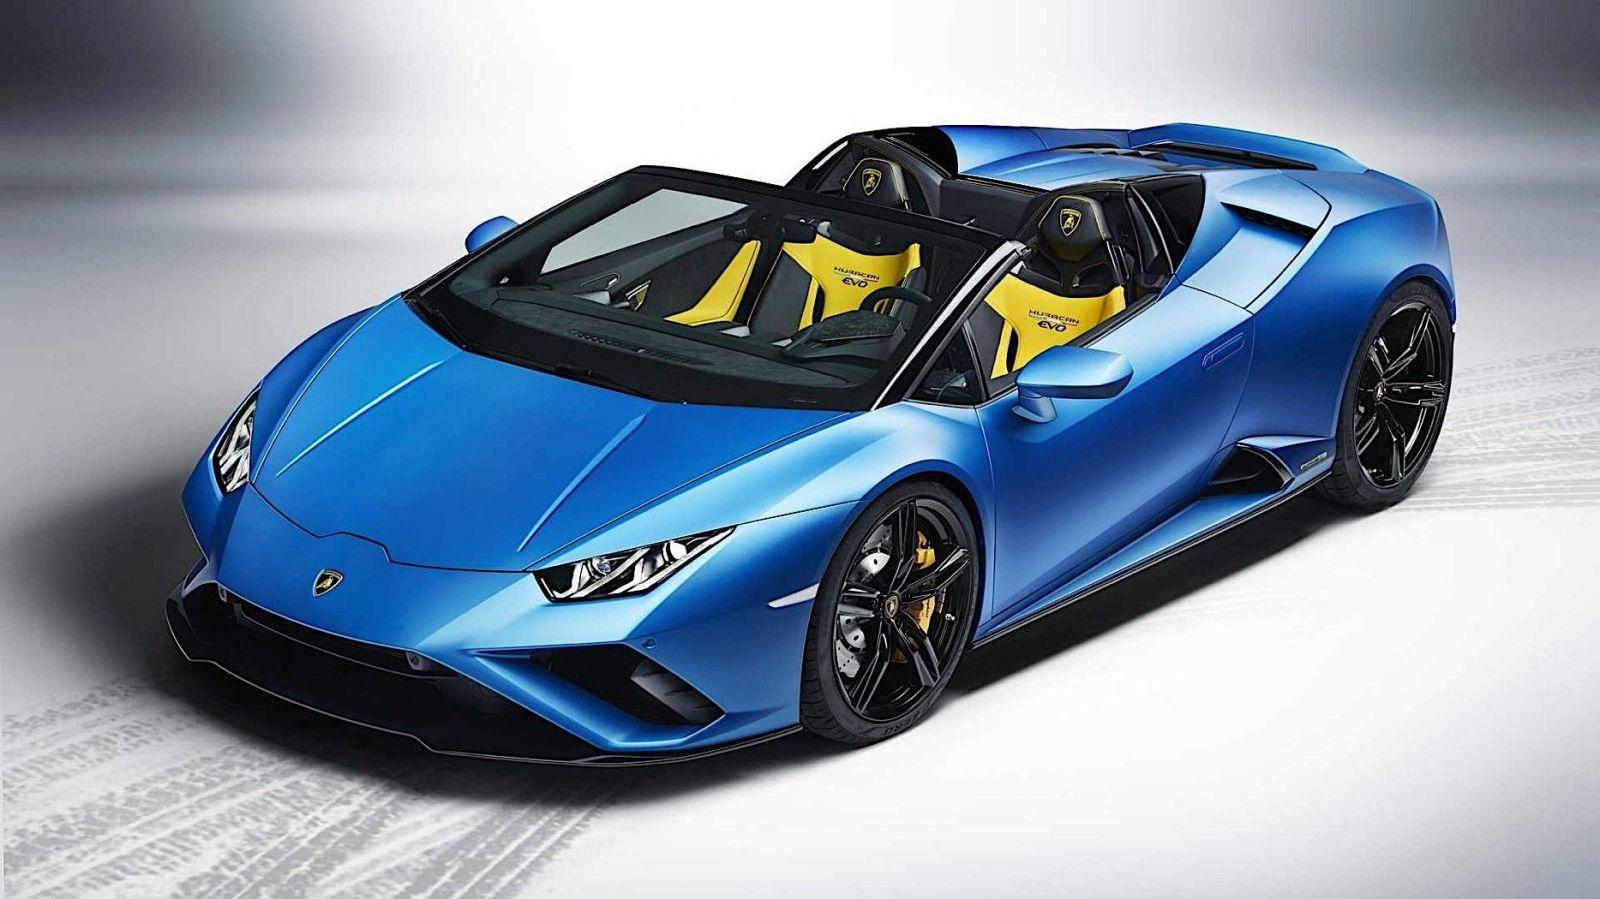 Lamborghini Huracán zhadzuje strechu a prichádza o pohon všetkých štyroch kolies